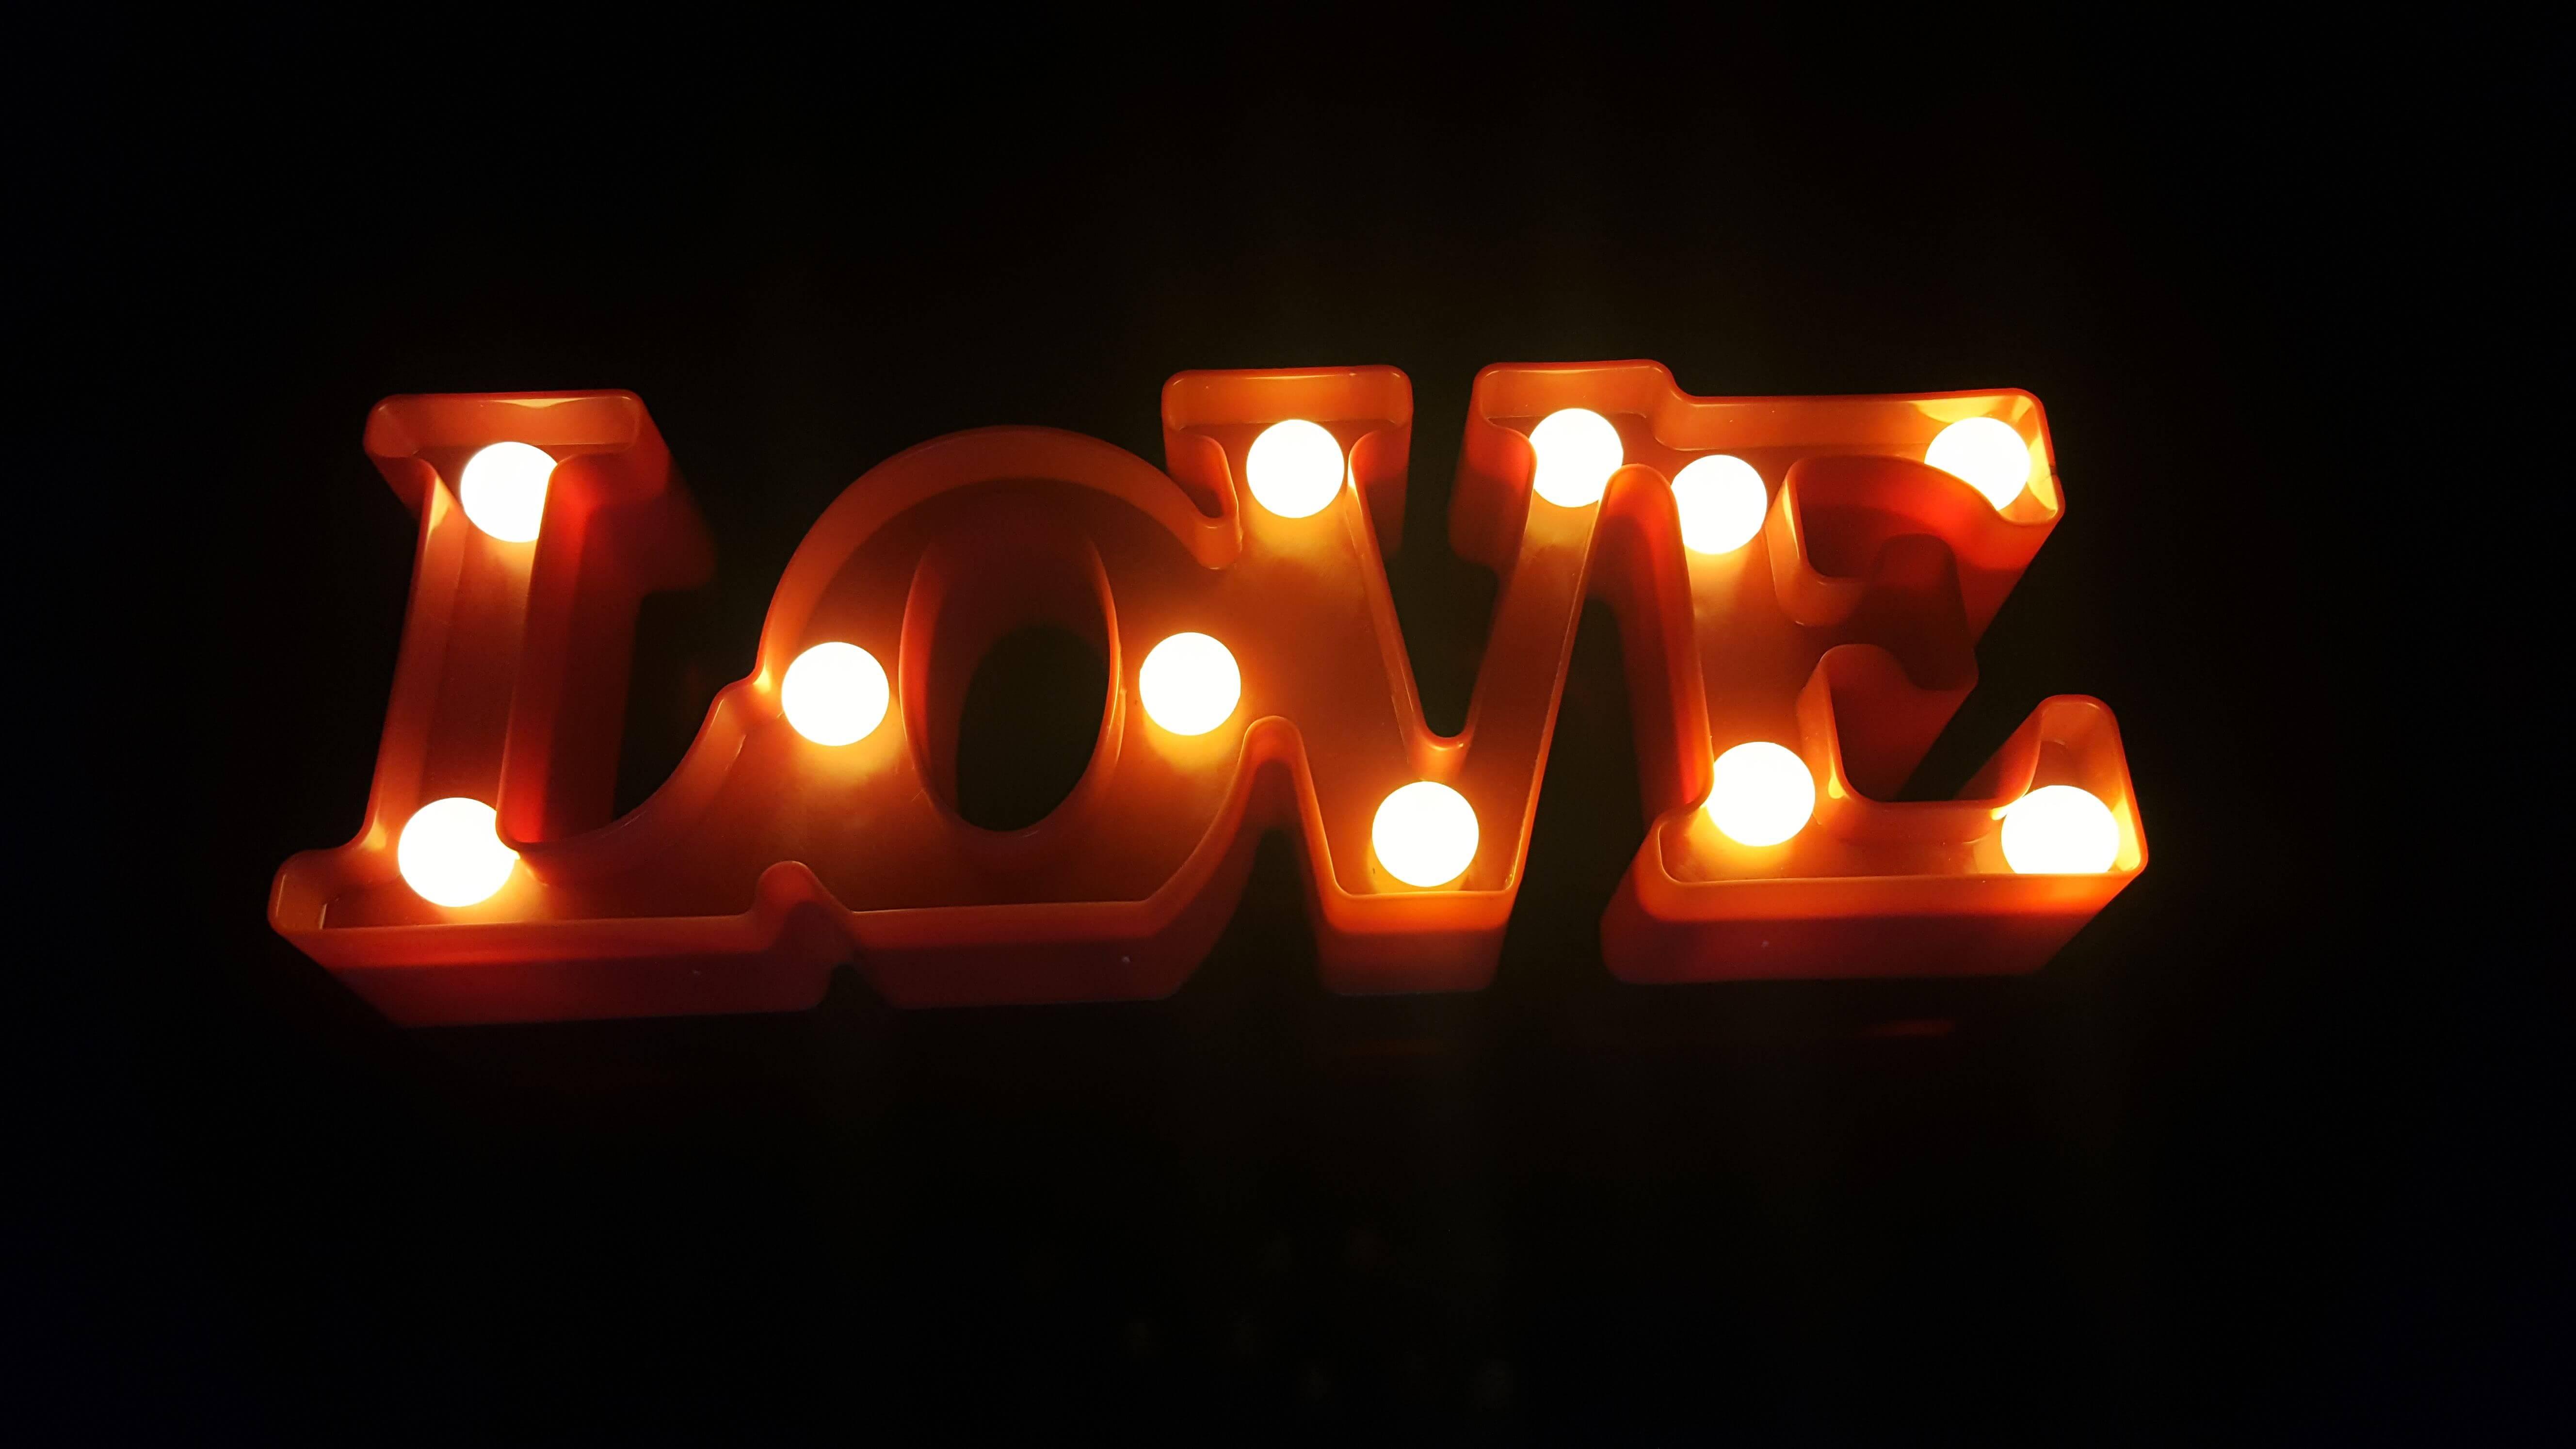 שלט love מאיר